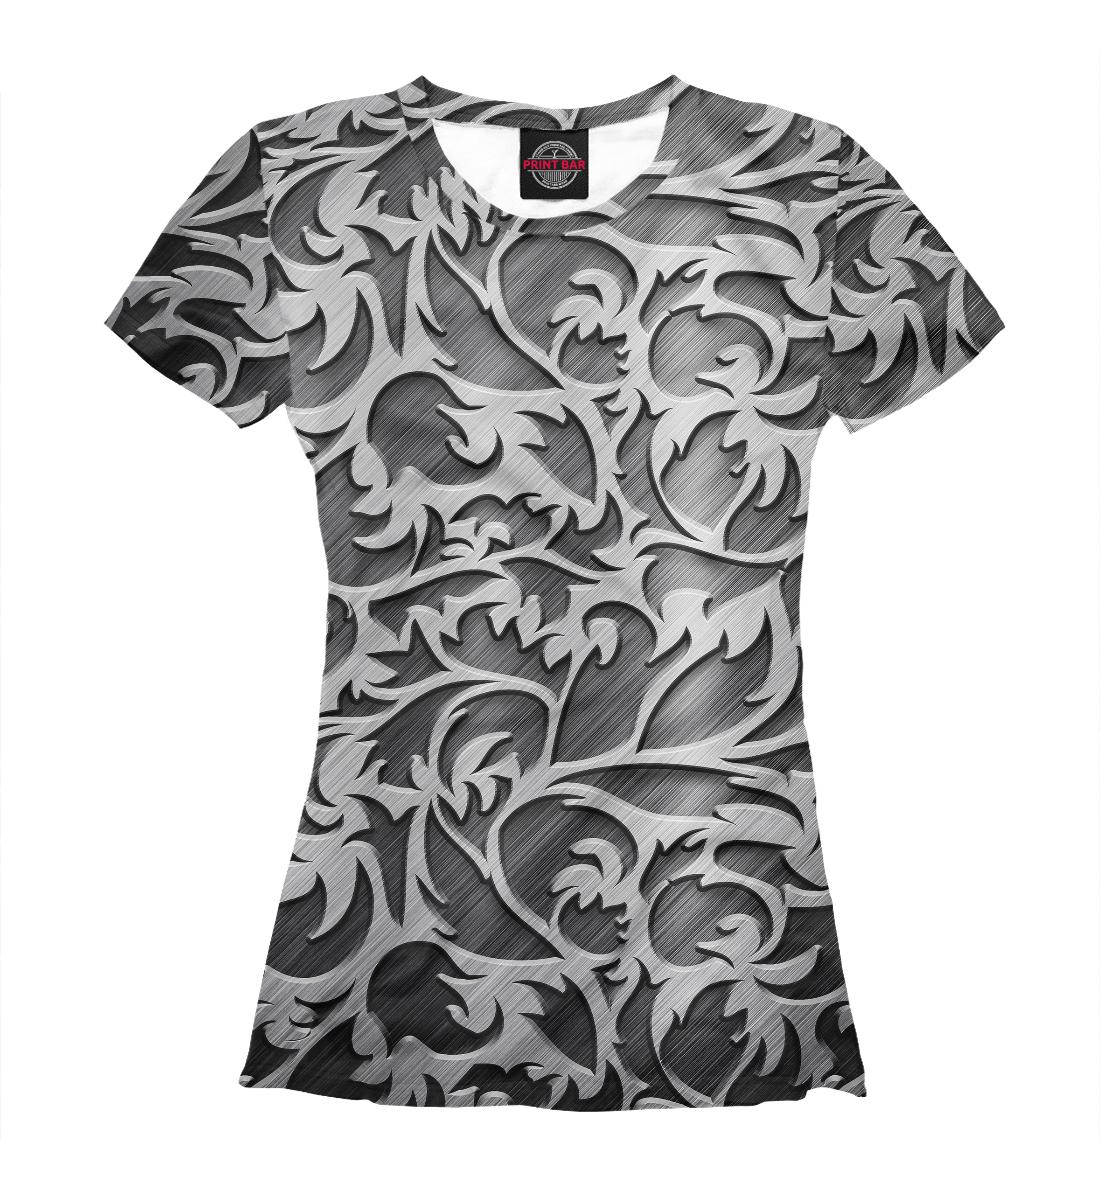 Купить Белое в Черном, Printbar, Футболки, APD-145665-fut-1